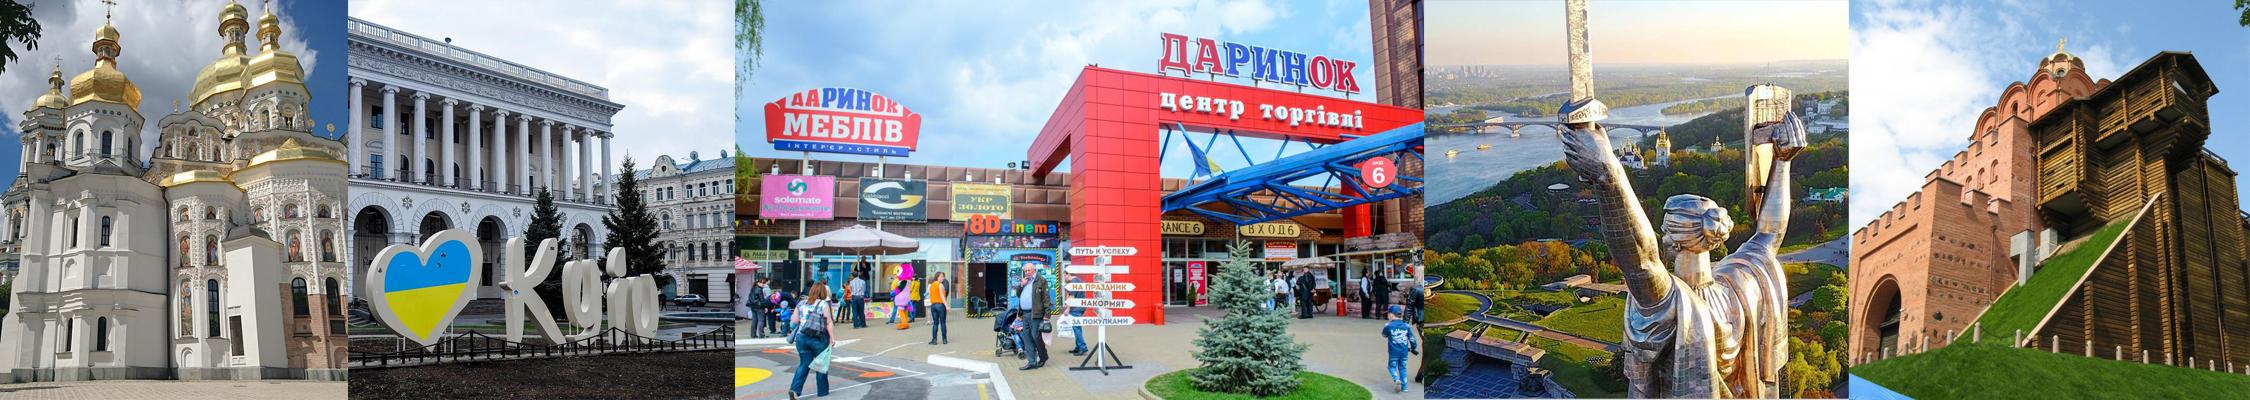 Сеть магазинов OUTLET ТЦ Даринок